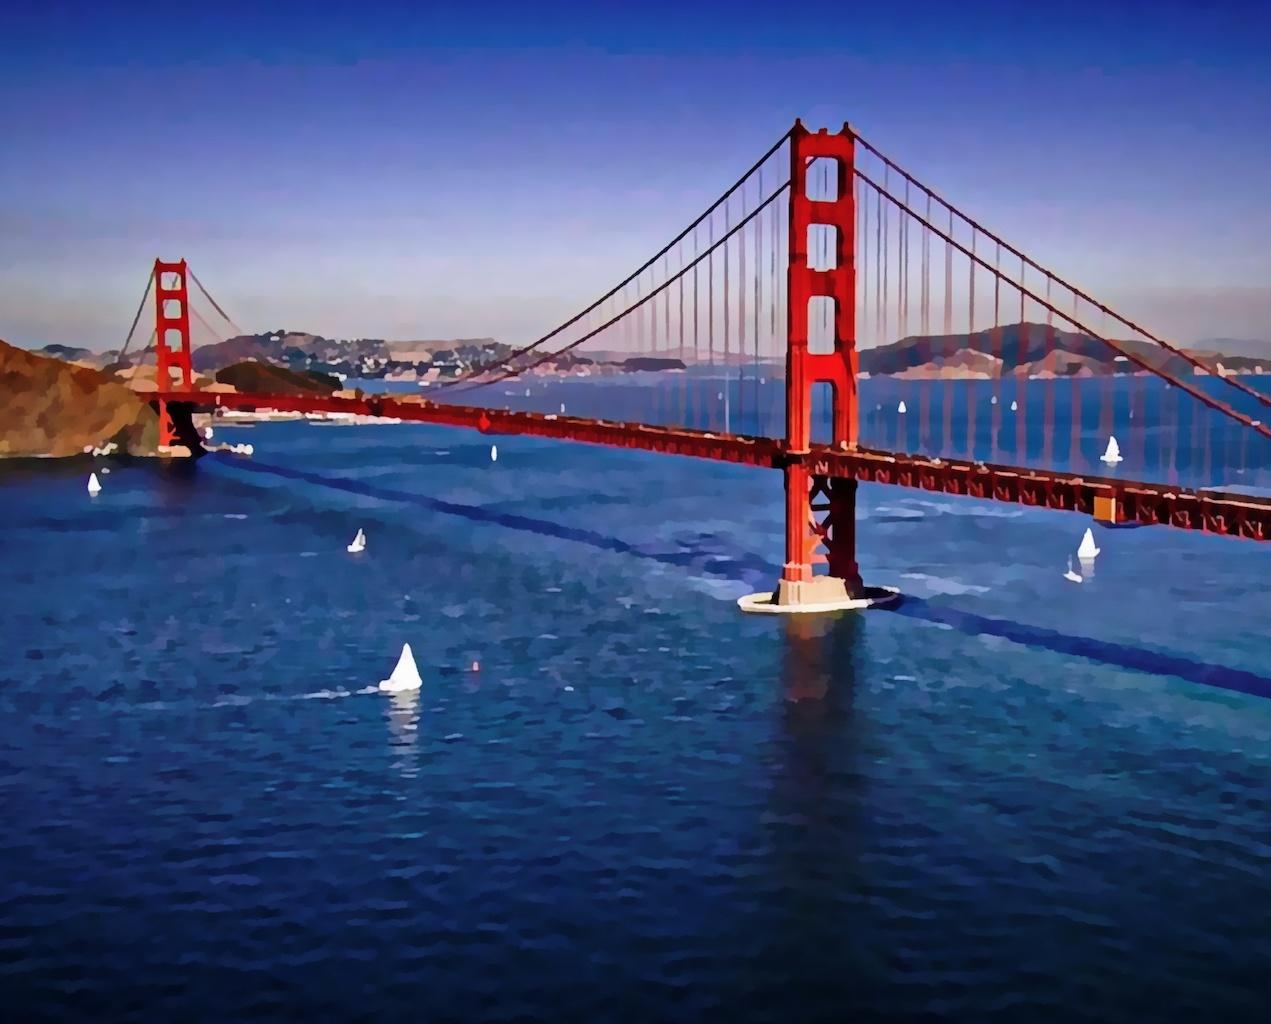 https://www.publicdomainpictures.net/en/view-image.php?image=143777&picture=golden-gate-bridge-painting